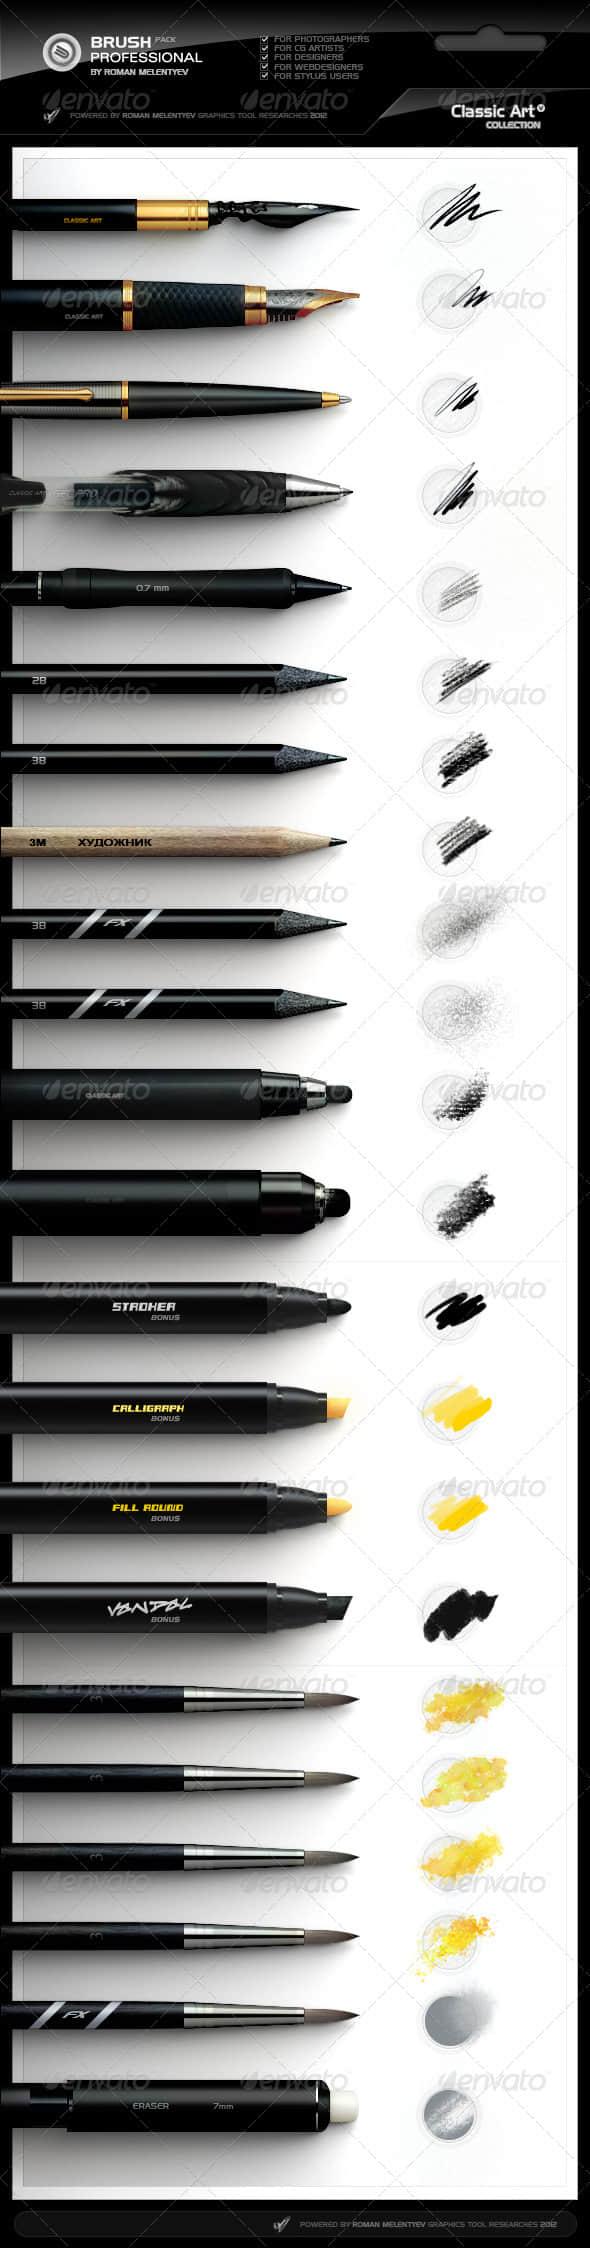 多种高级笔触效果套装Photoshop笔刷免费下载